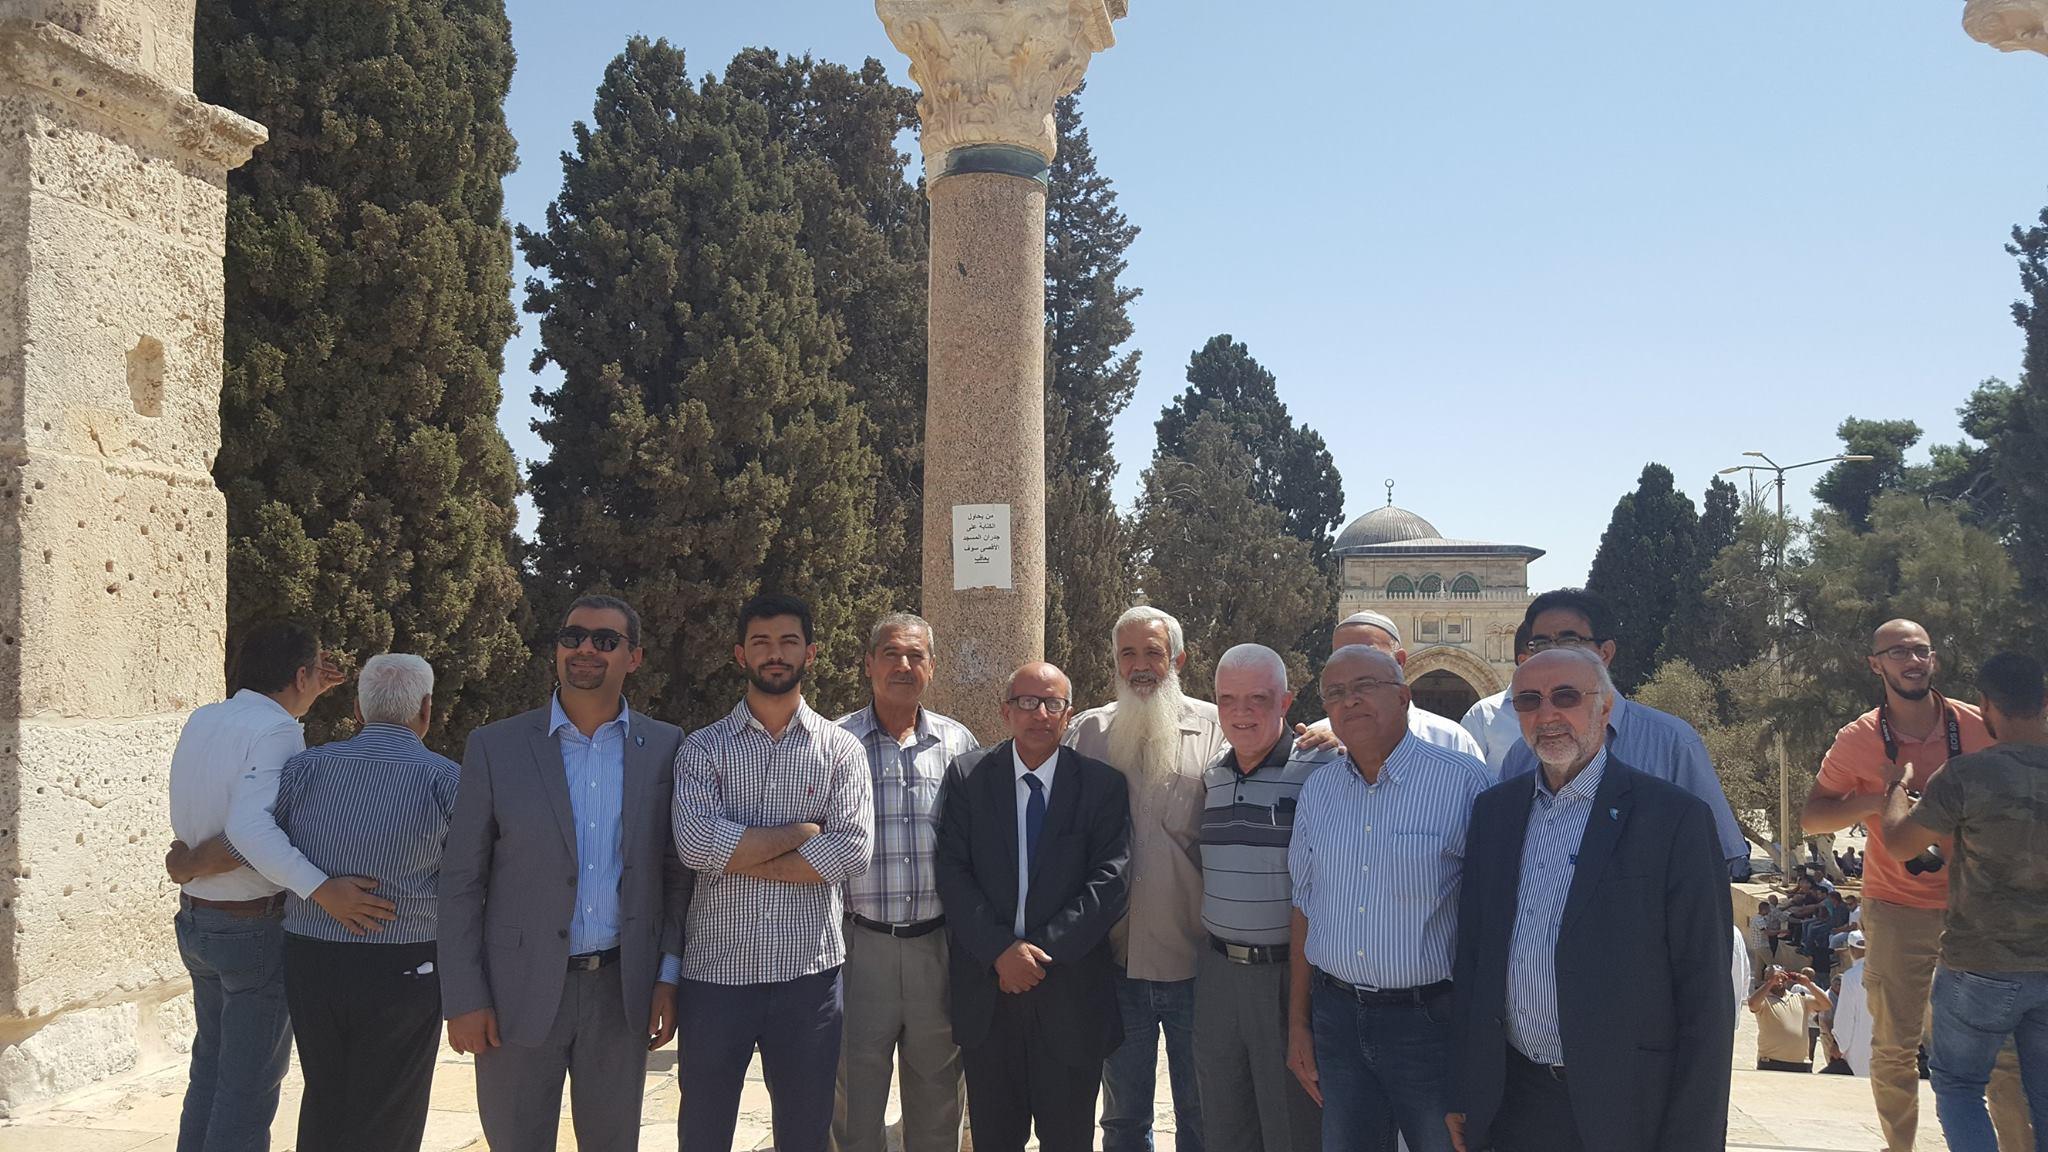 جوله في شوارع القدس القديمه وفي باحات المسجد الاقصى المبارك التاسع من  سبتمبر 2017